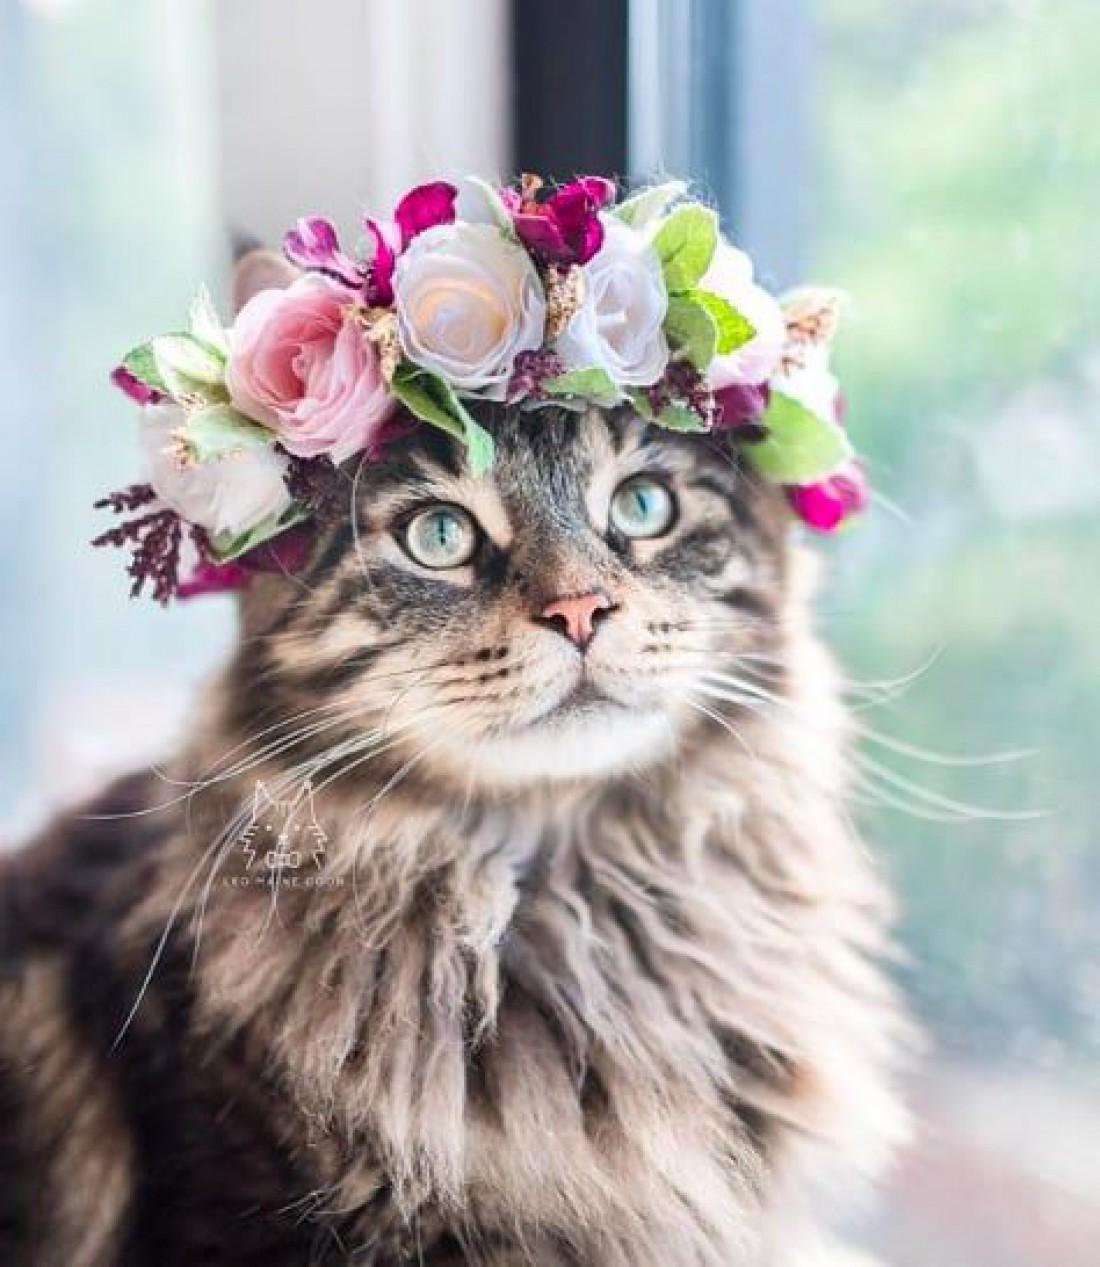 Оставьте котика в покое! Что нужно знать о токсоплазмозе?